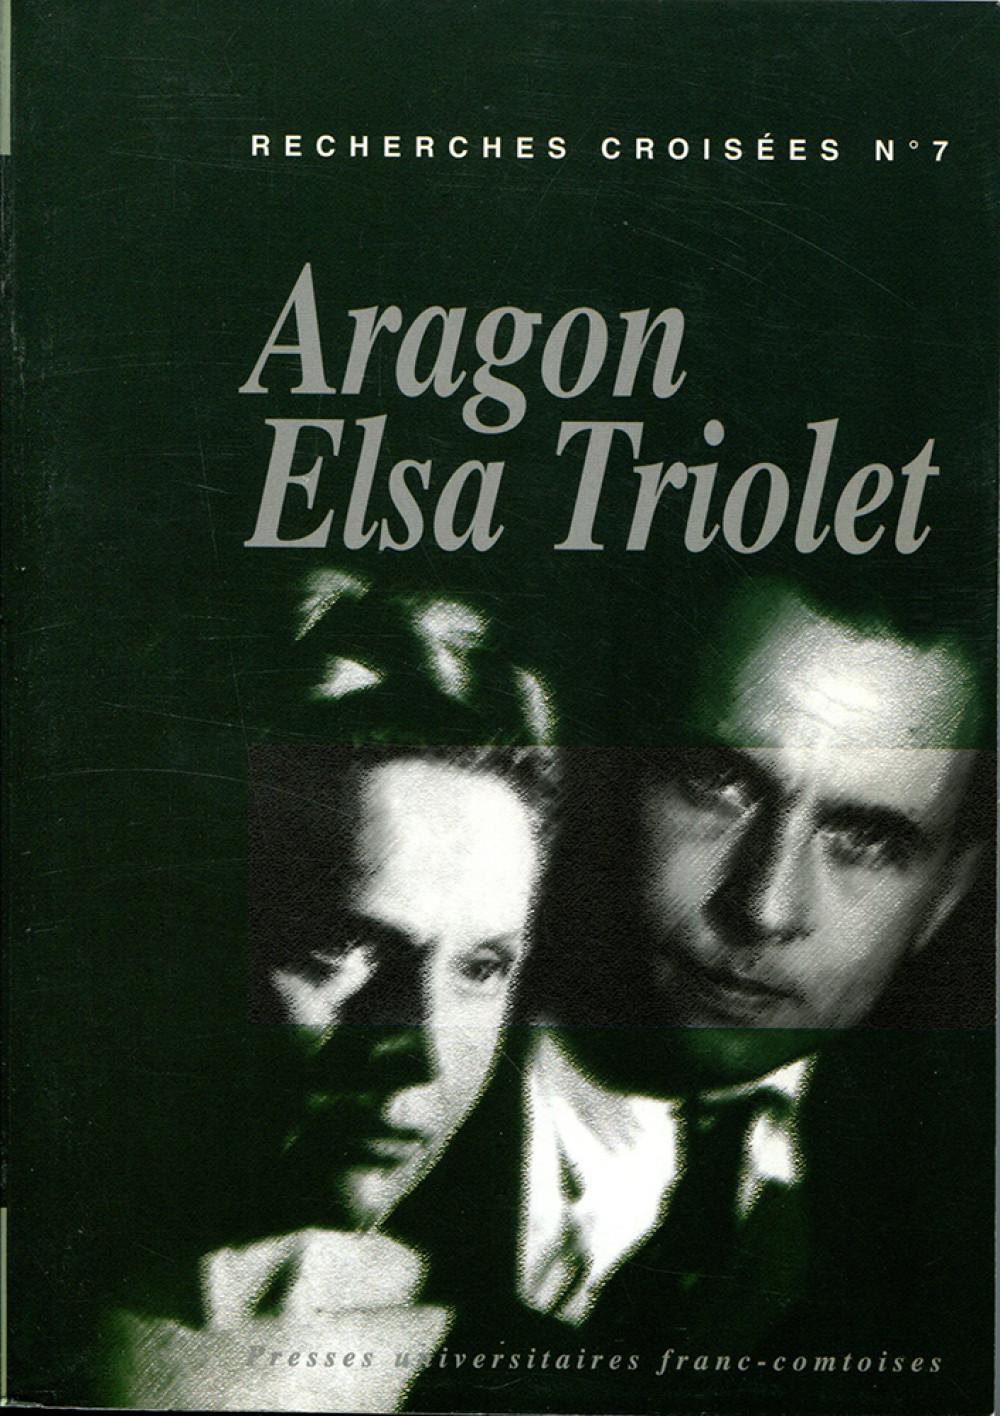 Recherches croisées : Aragon / Elsa Triolet n°7